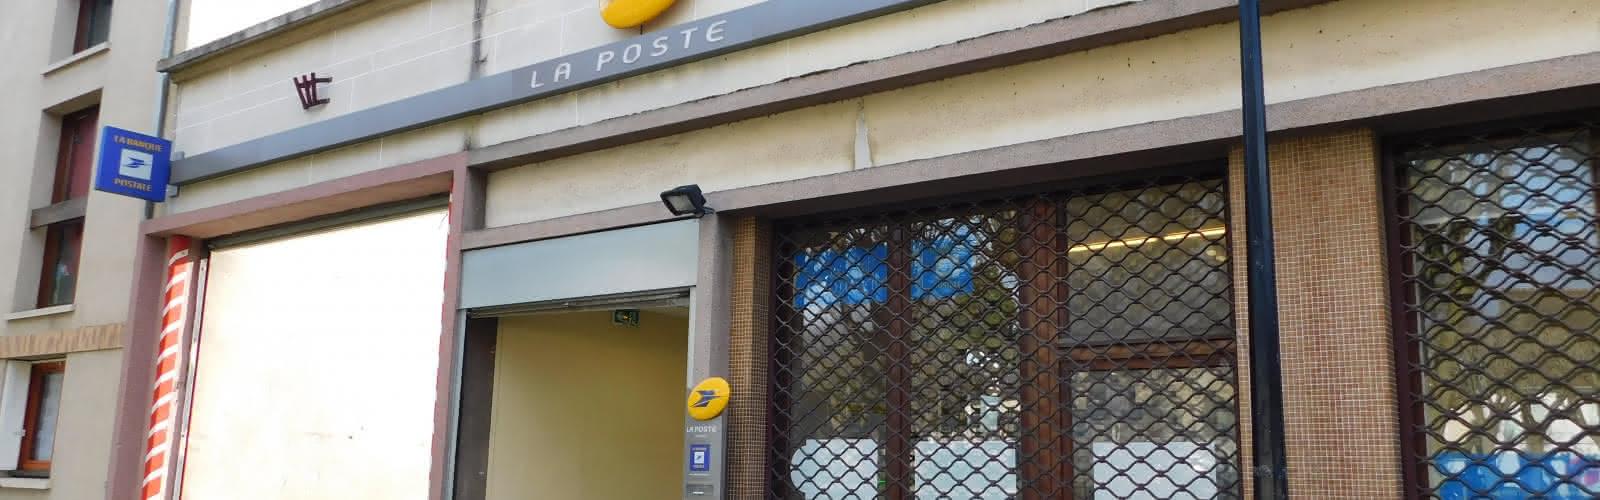 Bureau de poste de Luzarches